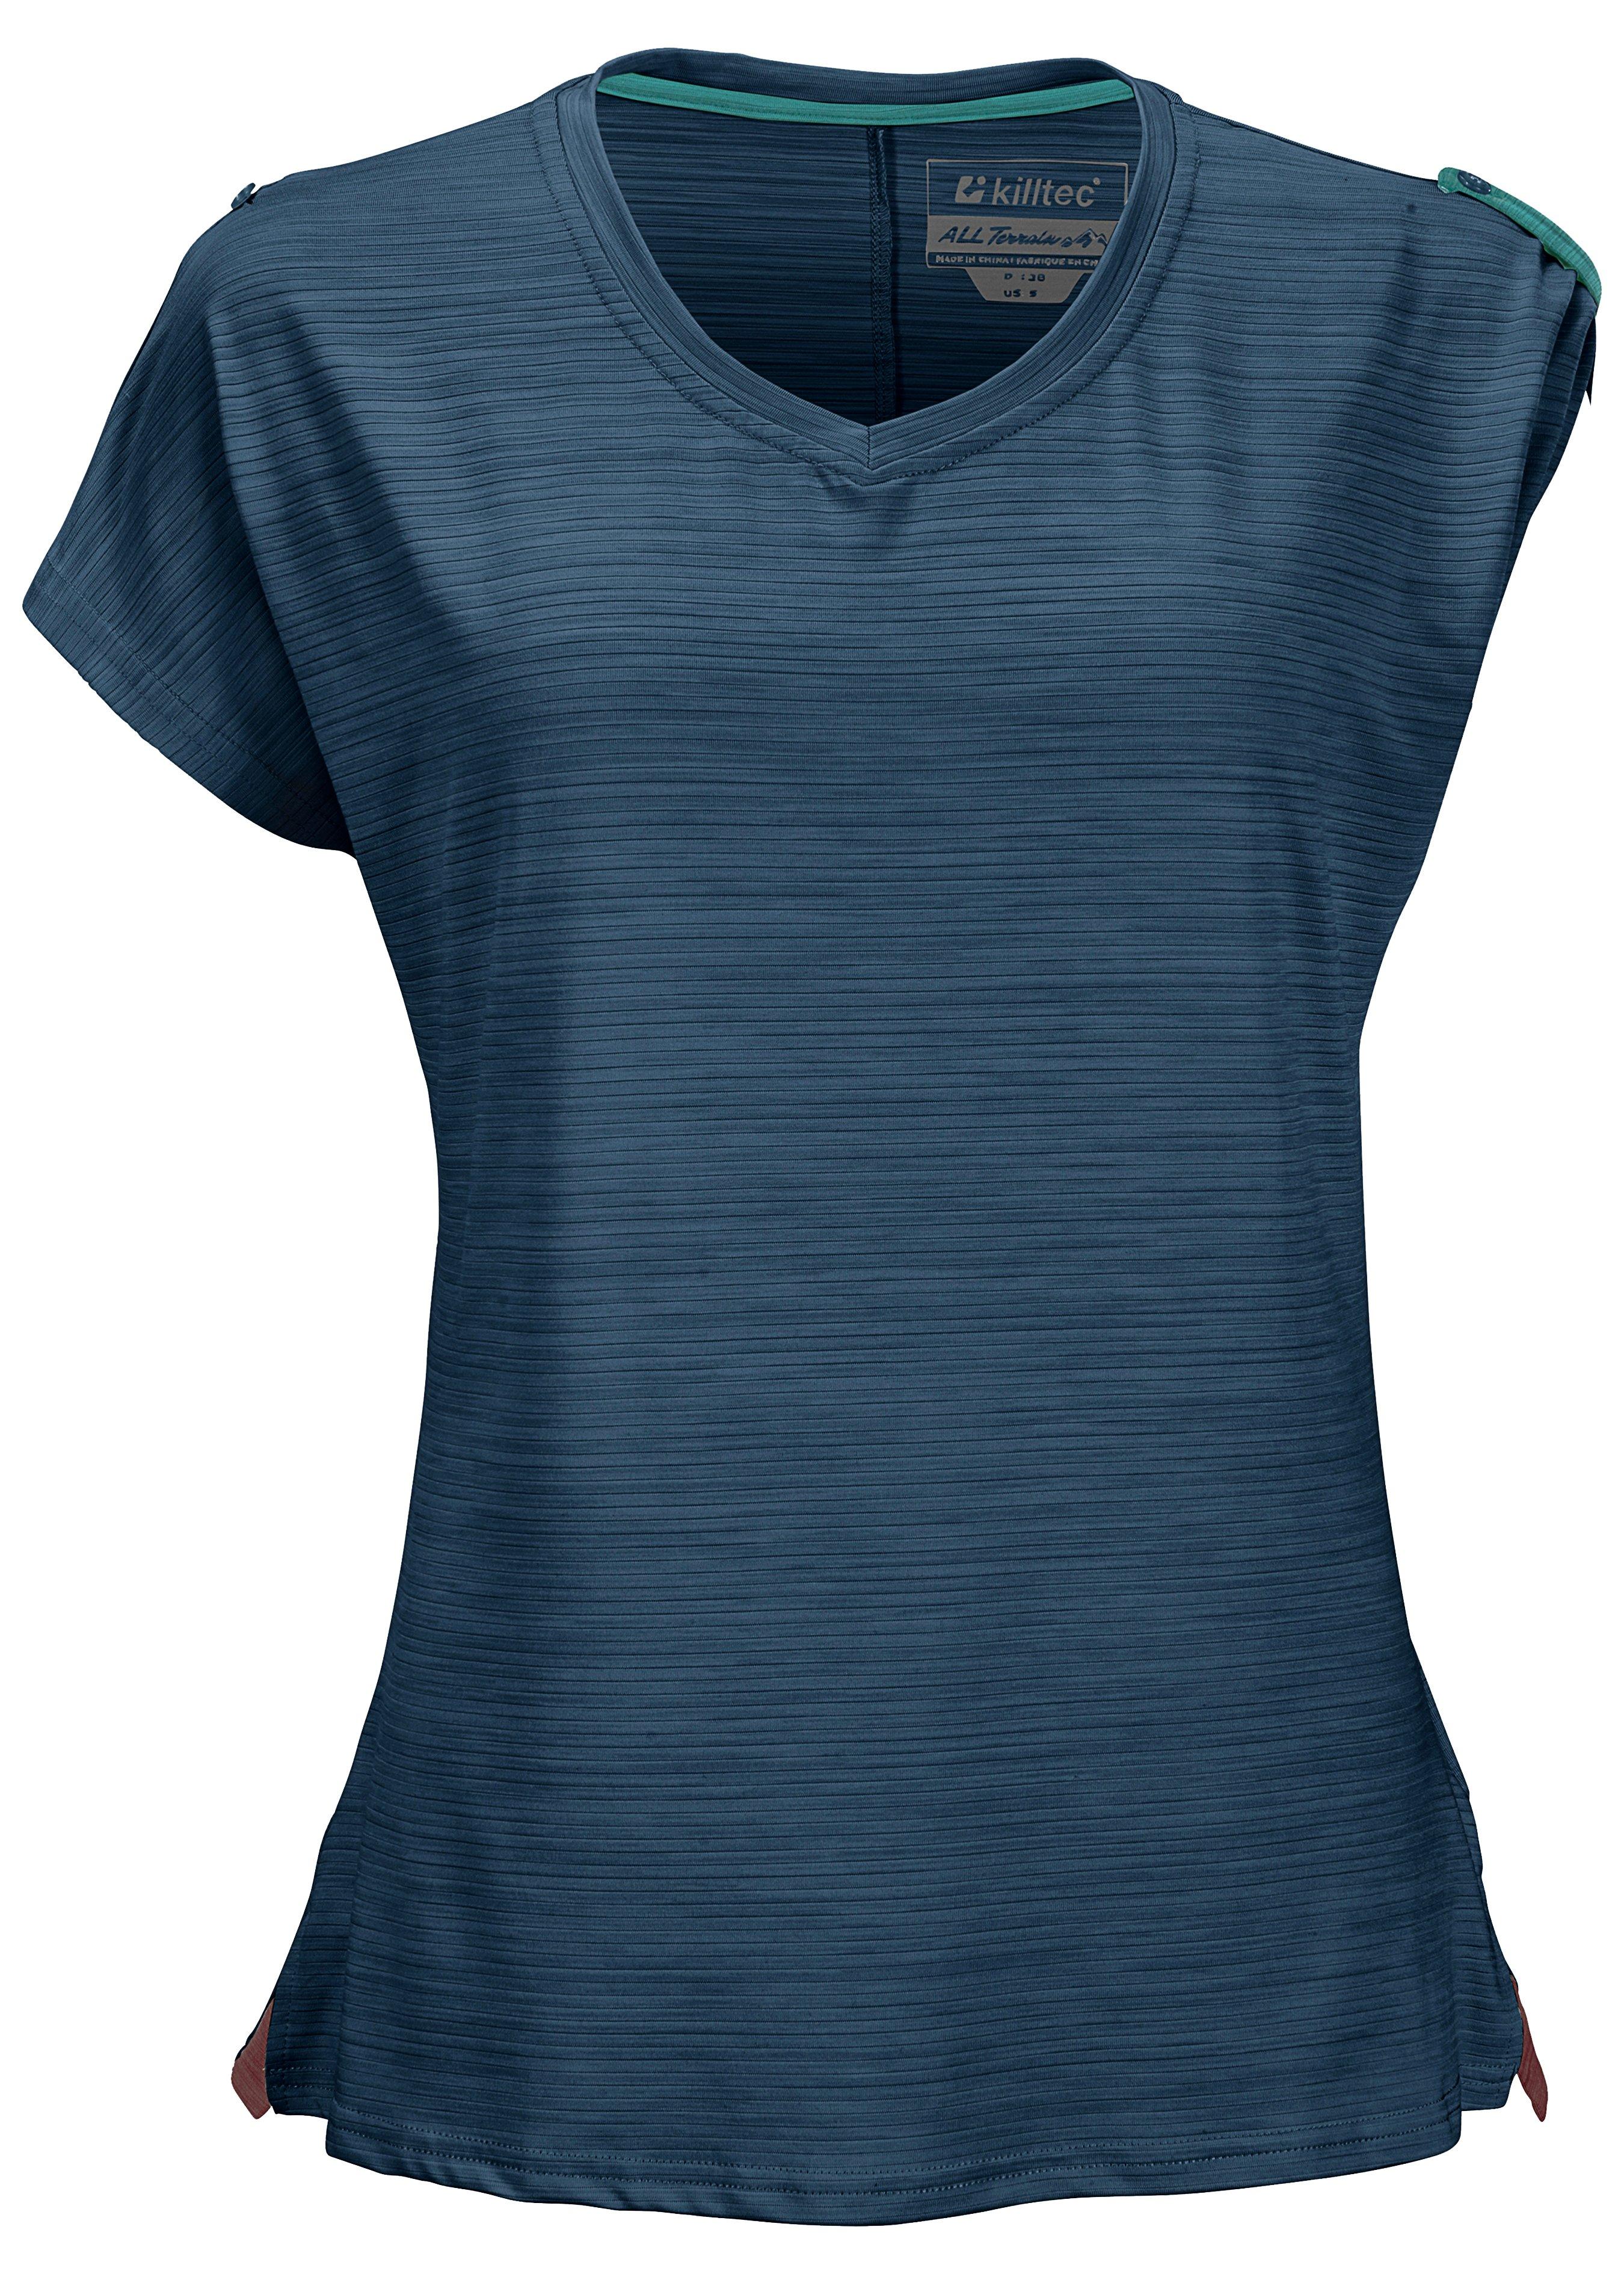 T-Shirt Lilleo pour dames 26653238 1